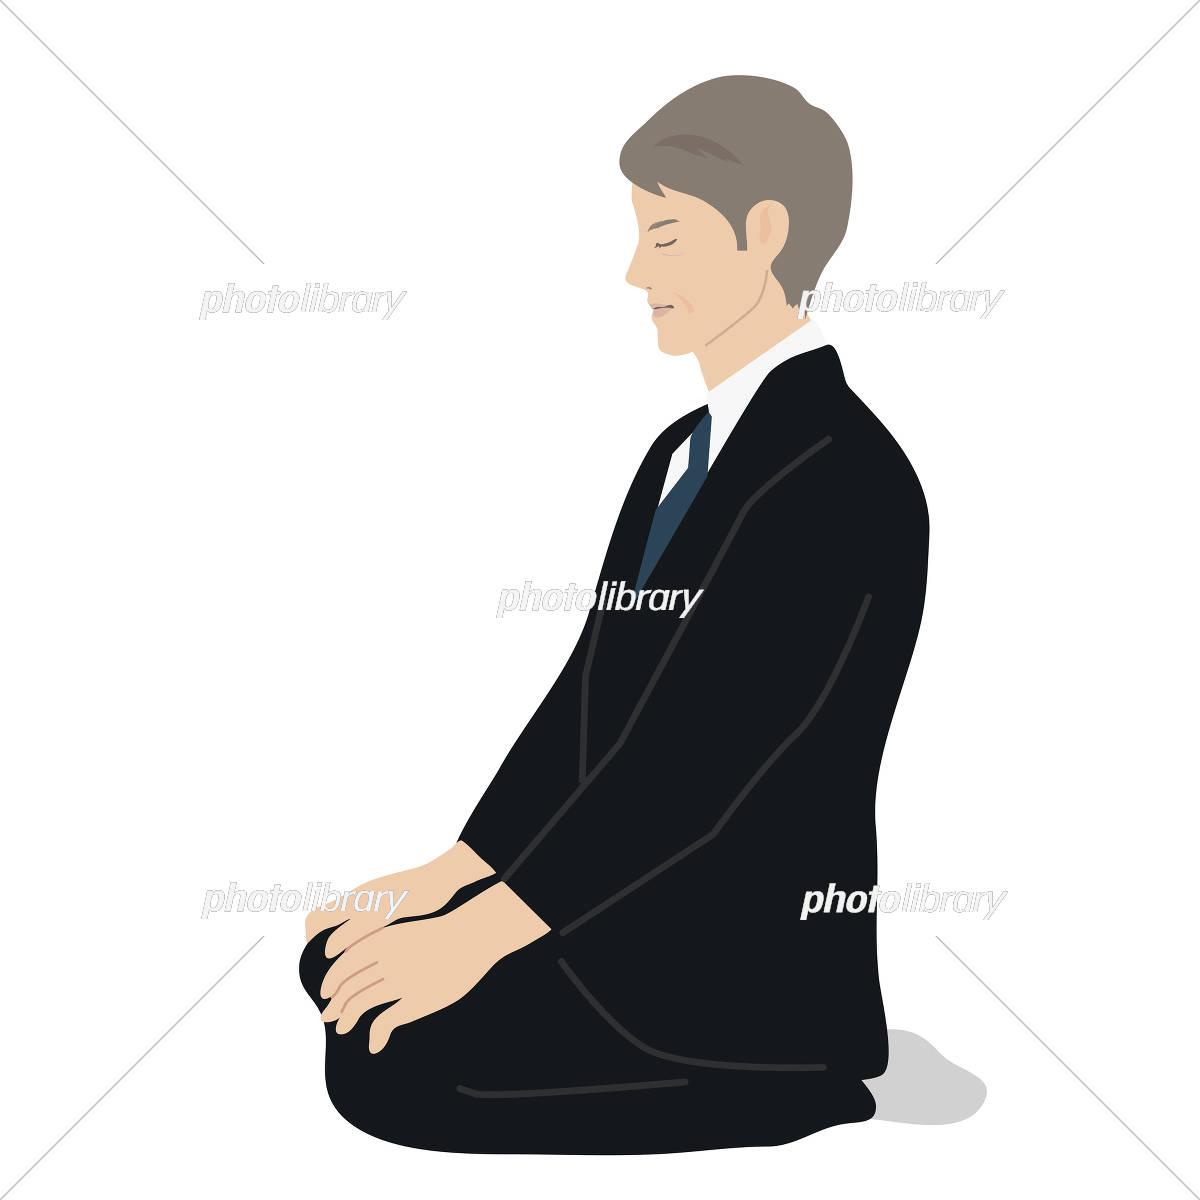 ブラックスーツ 男性 正座 イラスト イラスト素材 5373781 フォト